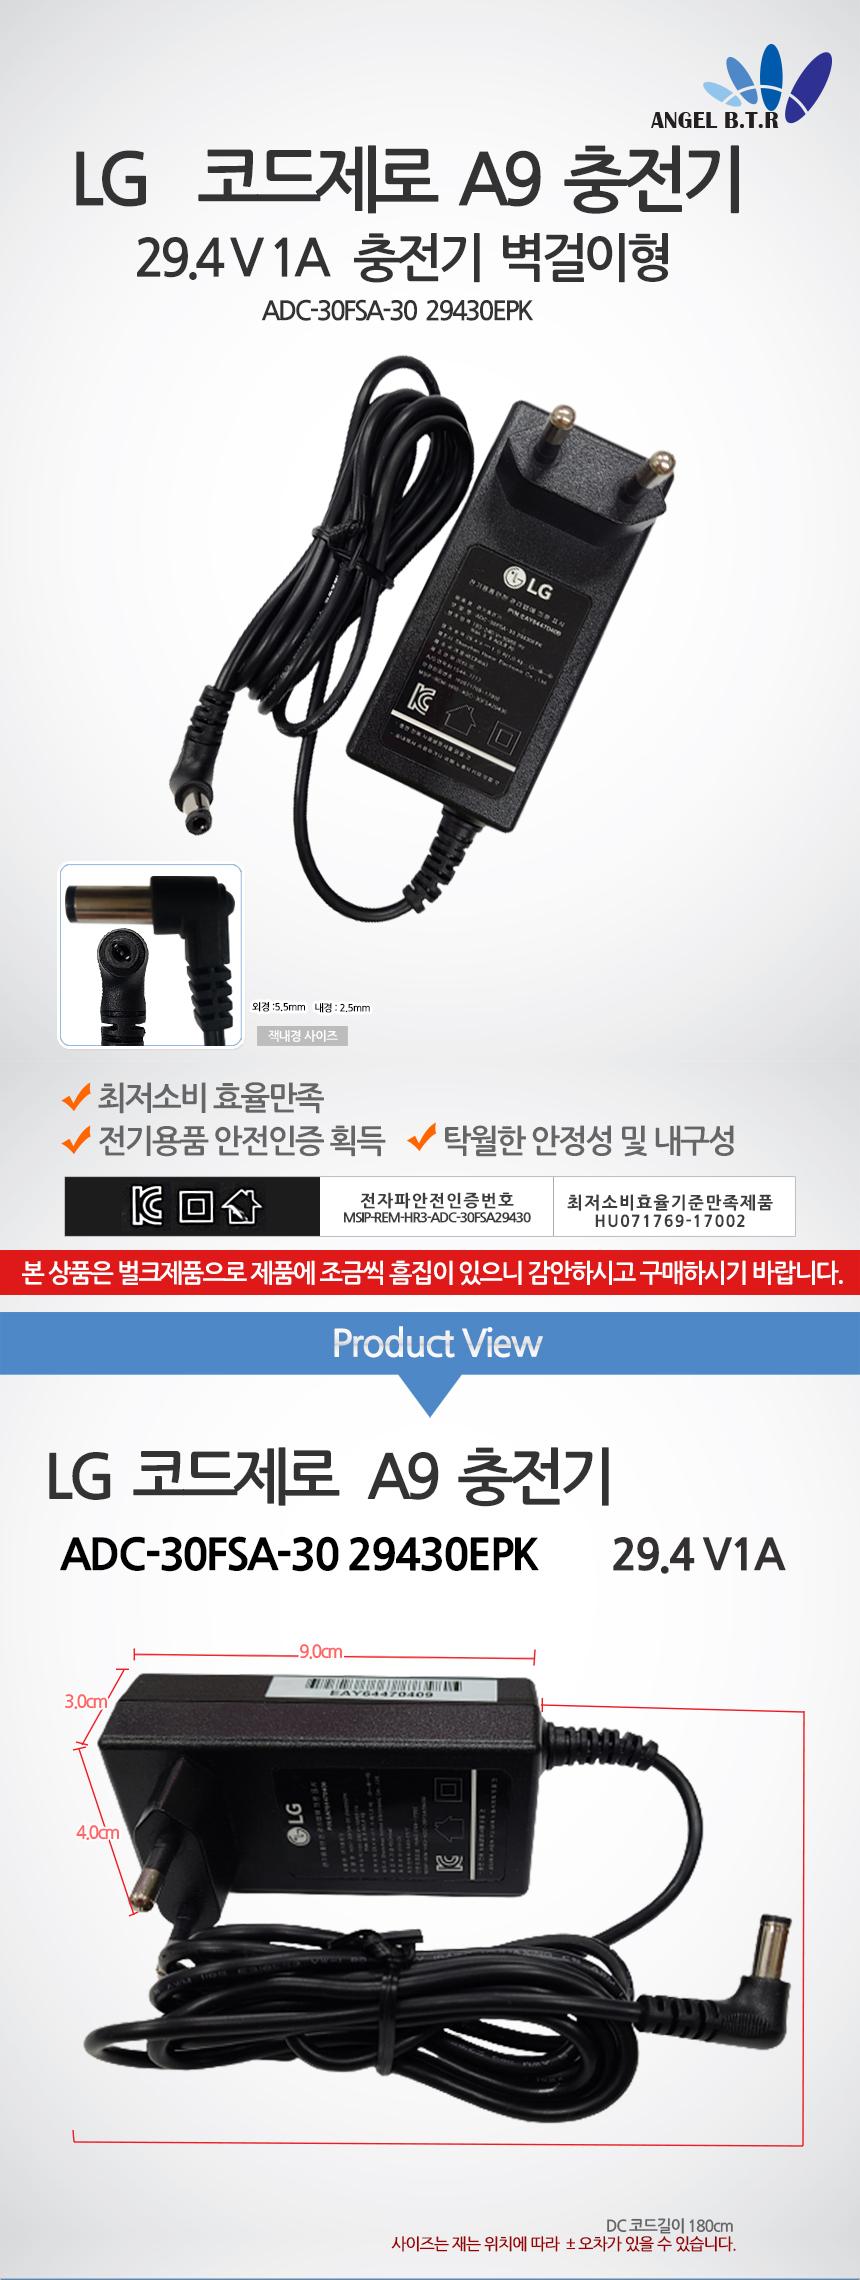 LG-29-4V1A--55-25-%EB%B2%BD%EA%B2%B0%EC%9D%B4-%EC%83%81%EC%84%B8%EC%84%A4%EB%AA%85_02.jpg